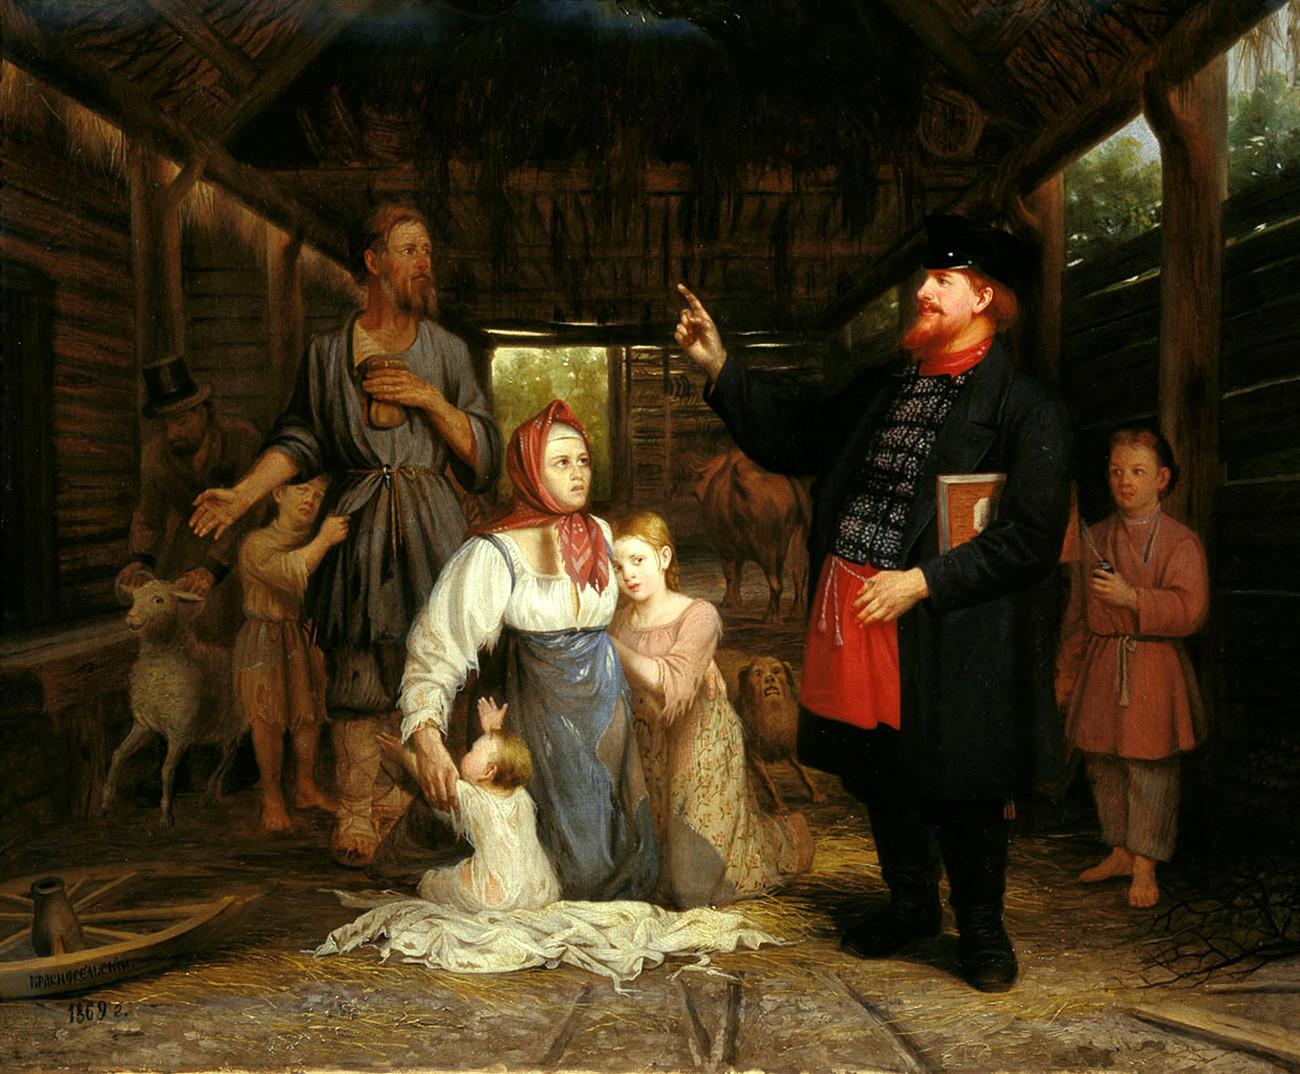 Zemljiški gospod pobira davek, slikar Aleksander Krasnoselski.